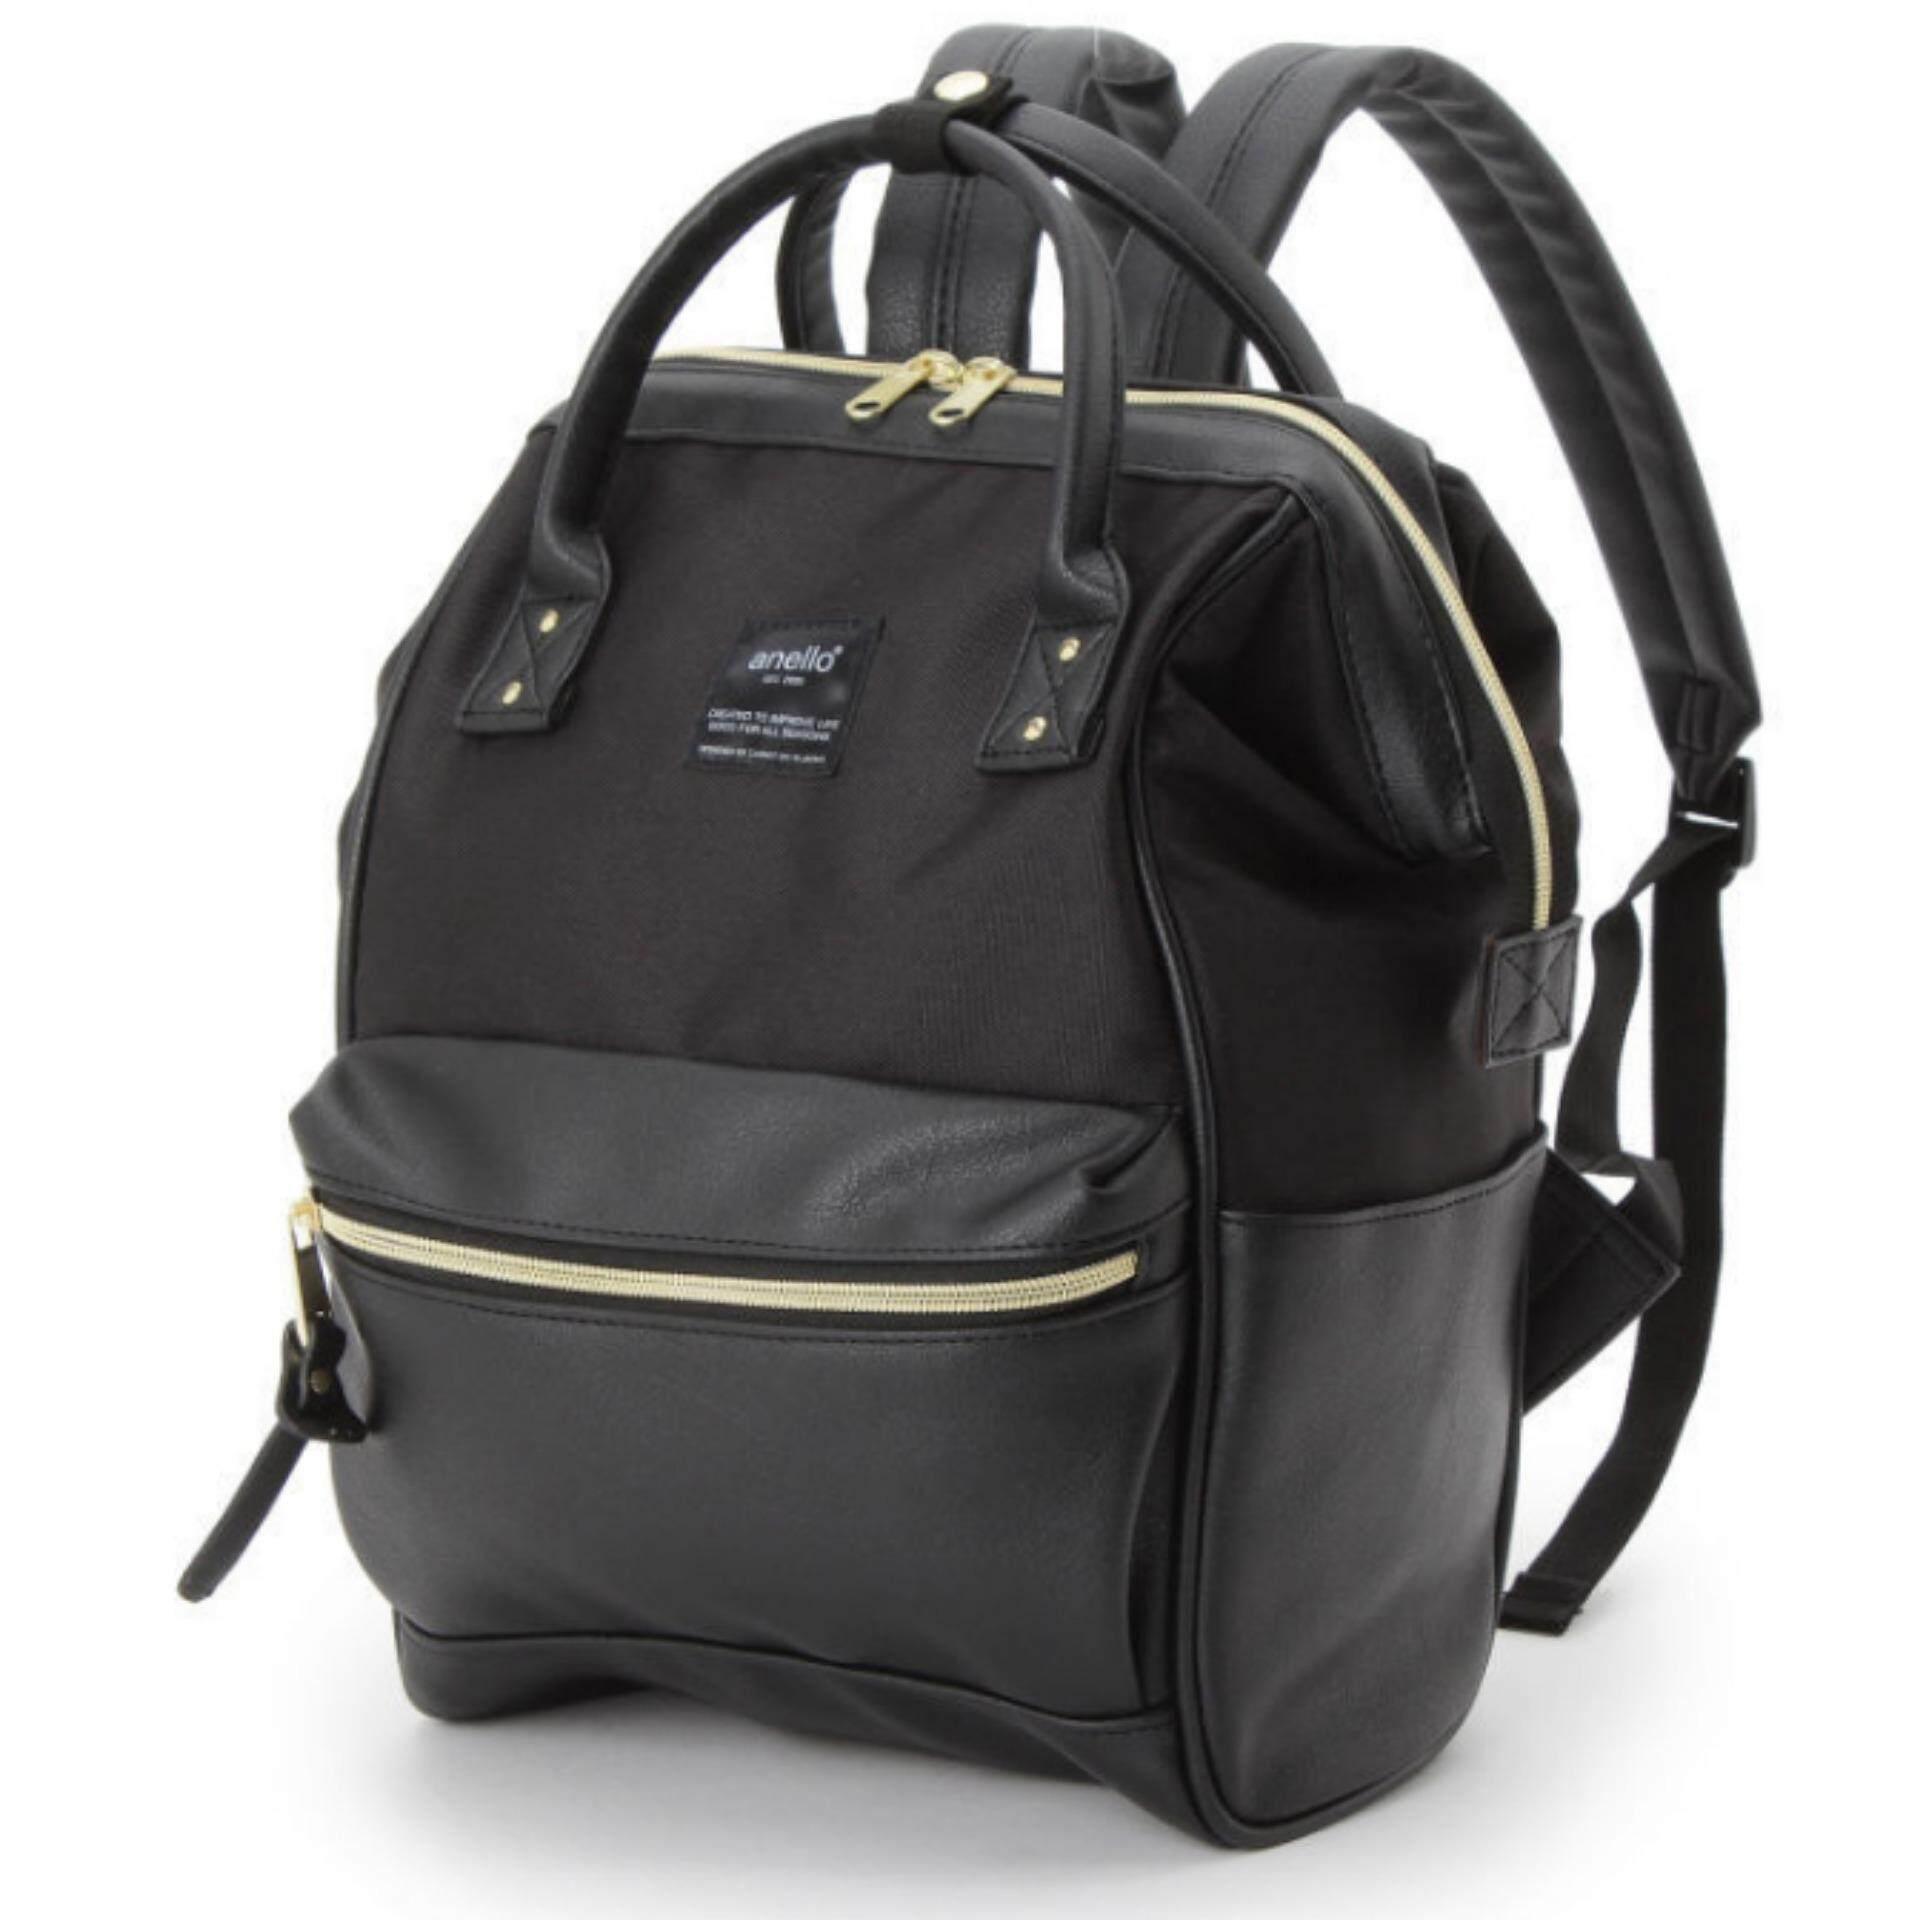 ยี่ห้อไหนดี  ชัยนาท กระเป๋าเป้สะพายหลัง Anello The Emporium Dark Black Japan Imported 100%